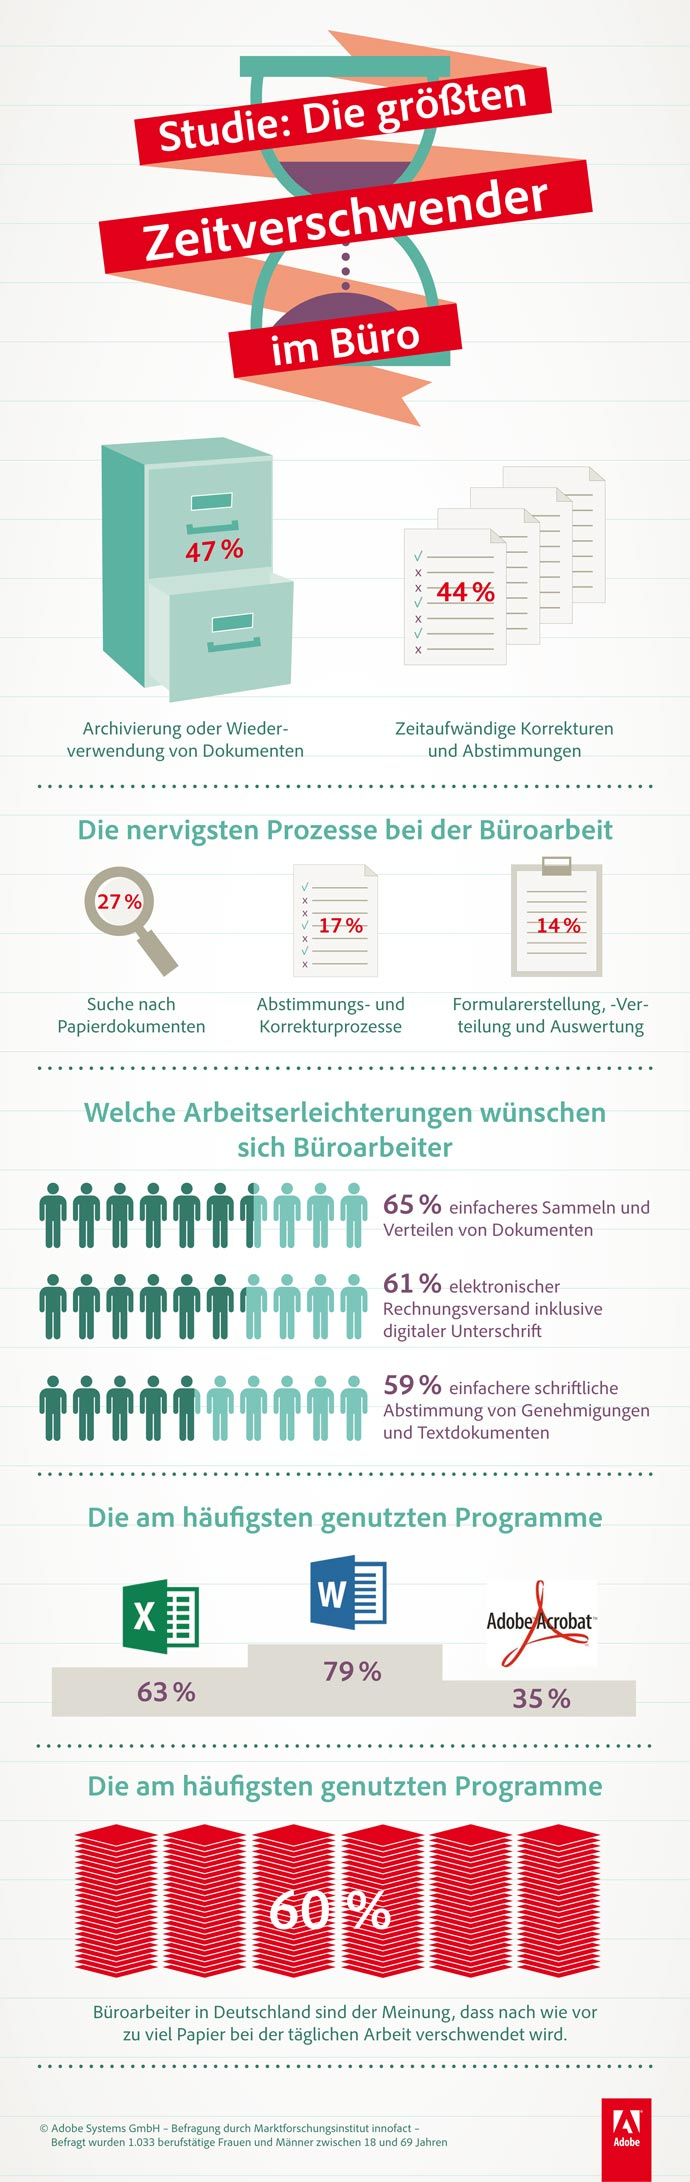 Infografik: Die größten Zeitverschwender im Büro